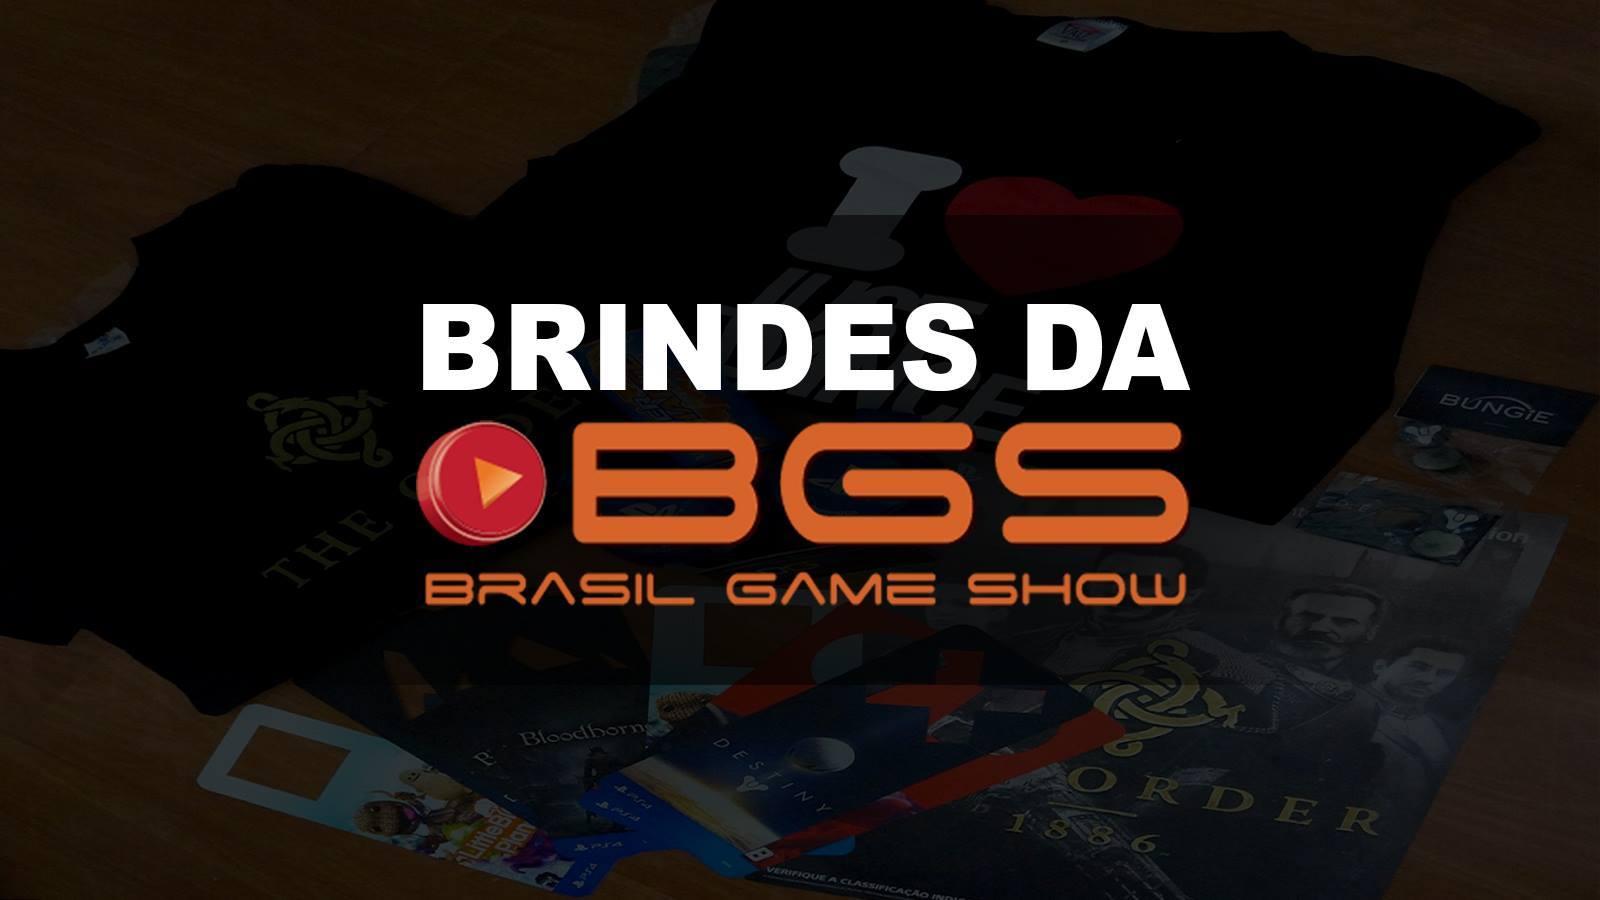 Brindes da BGS 2014 - Destroyer Games - Imagem